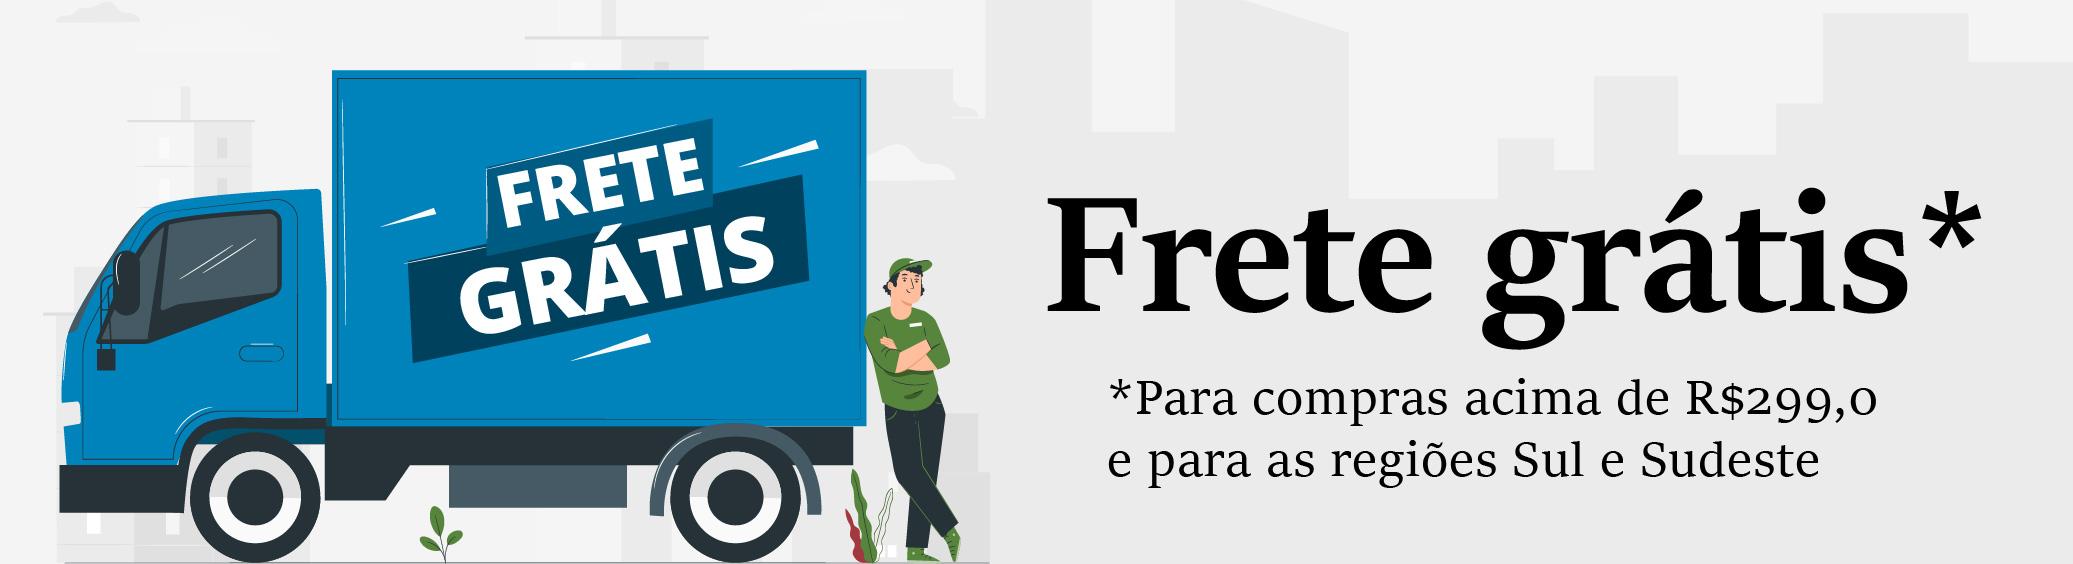 frete-gratis-desktop